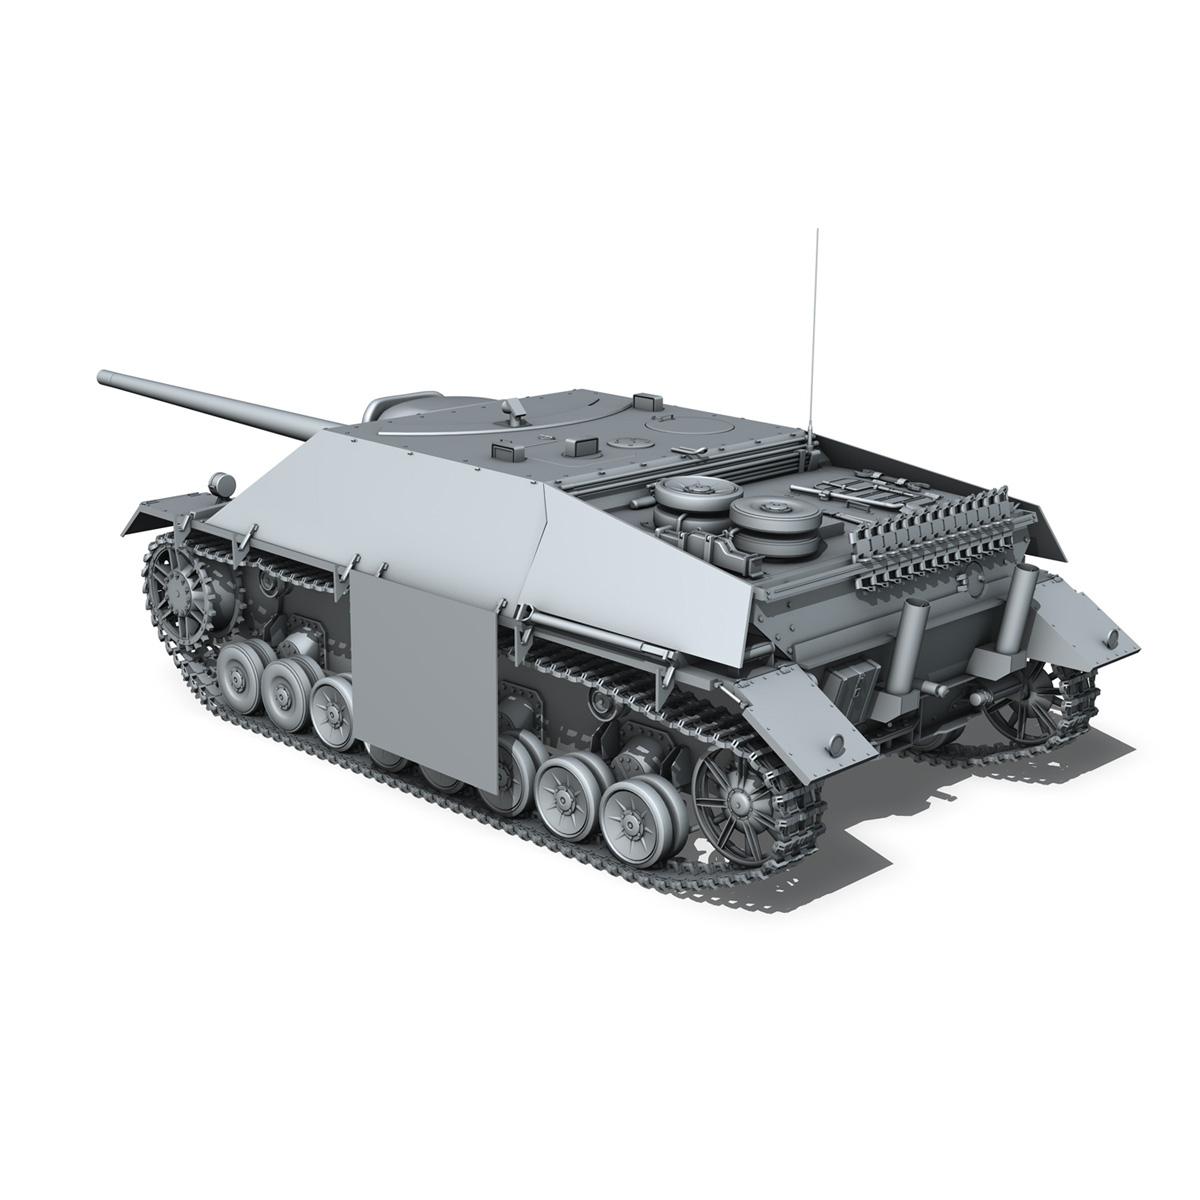 jagdpanzer iv l/70 (v) late production 3d model 3ds fbx c4d lwo obj 202021